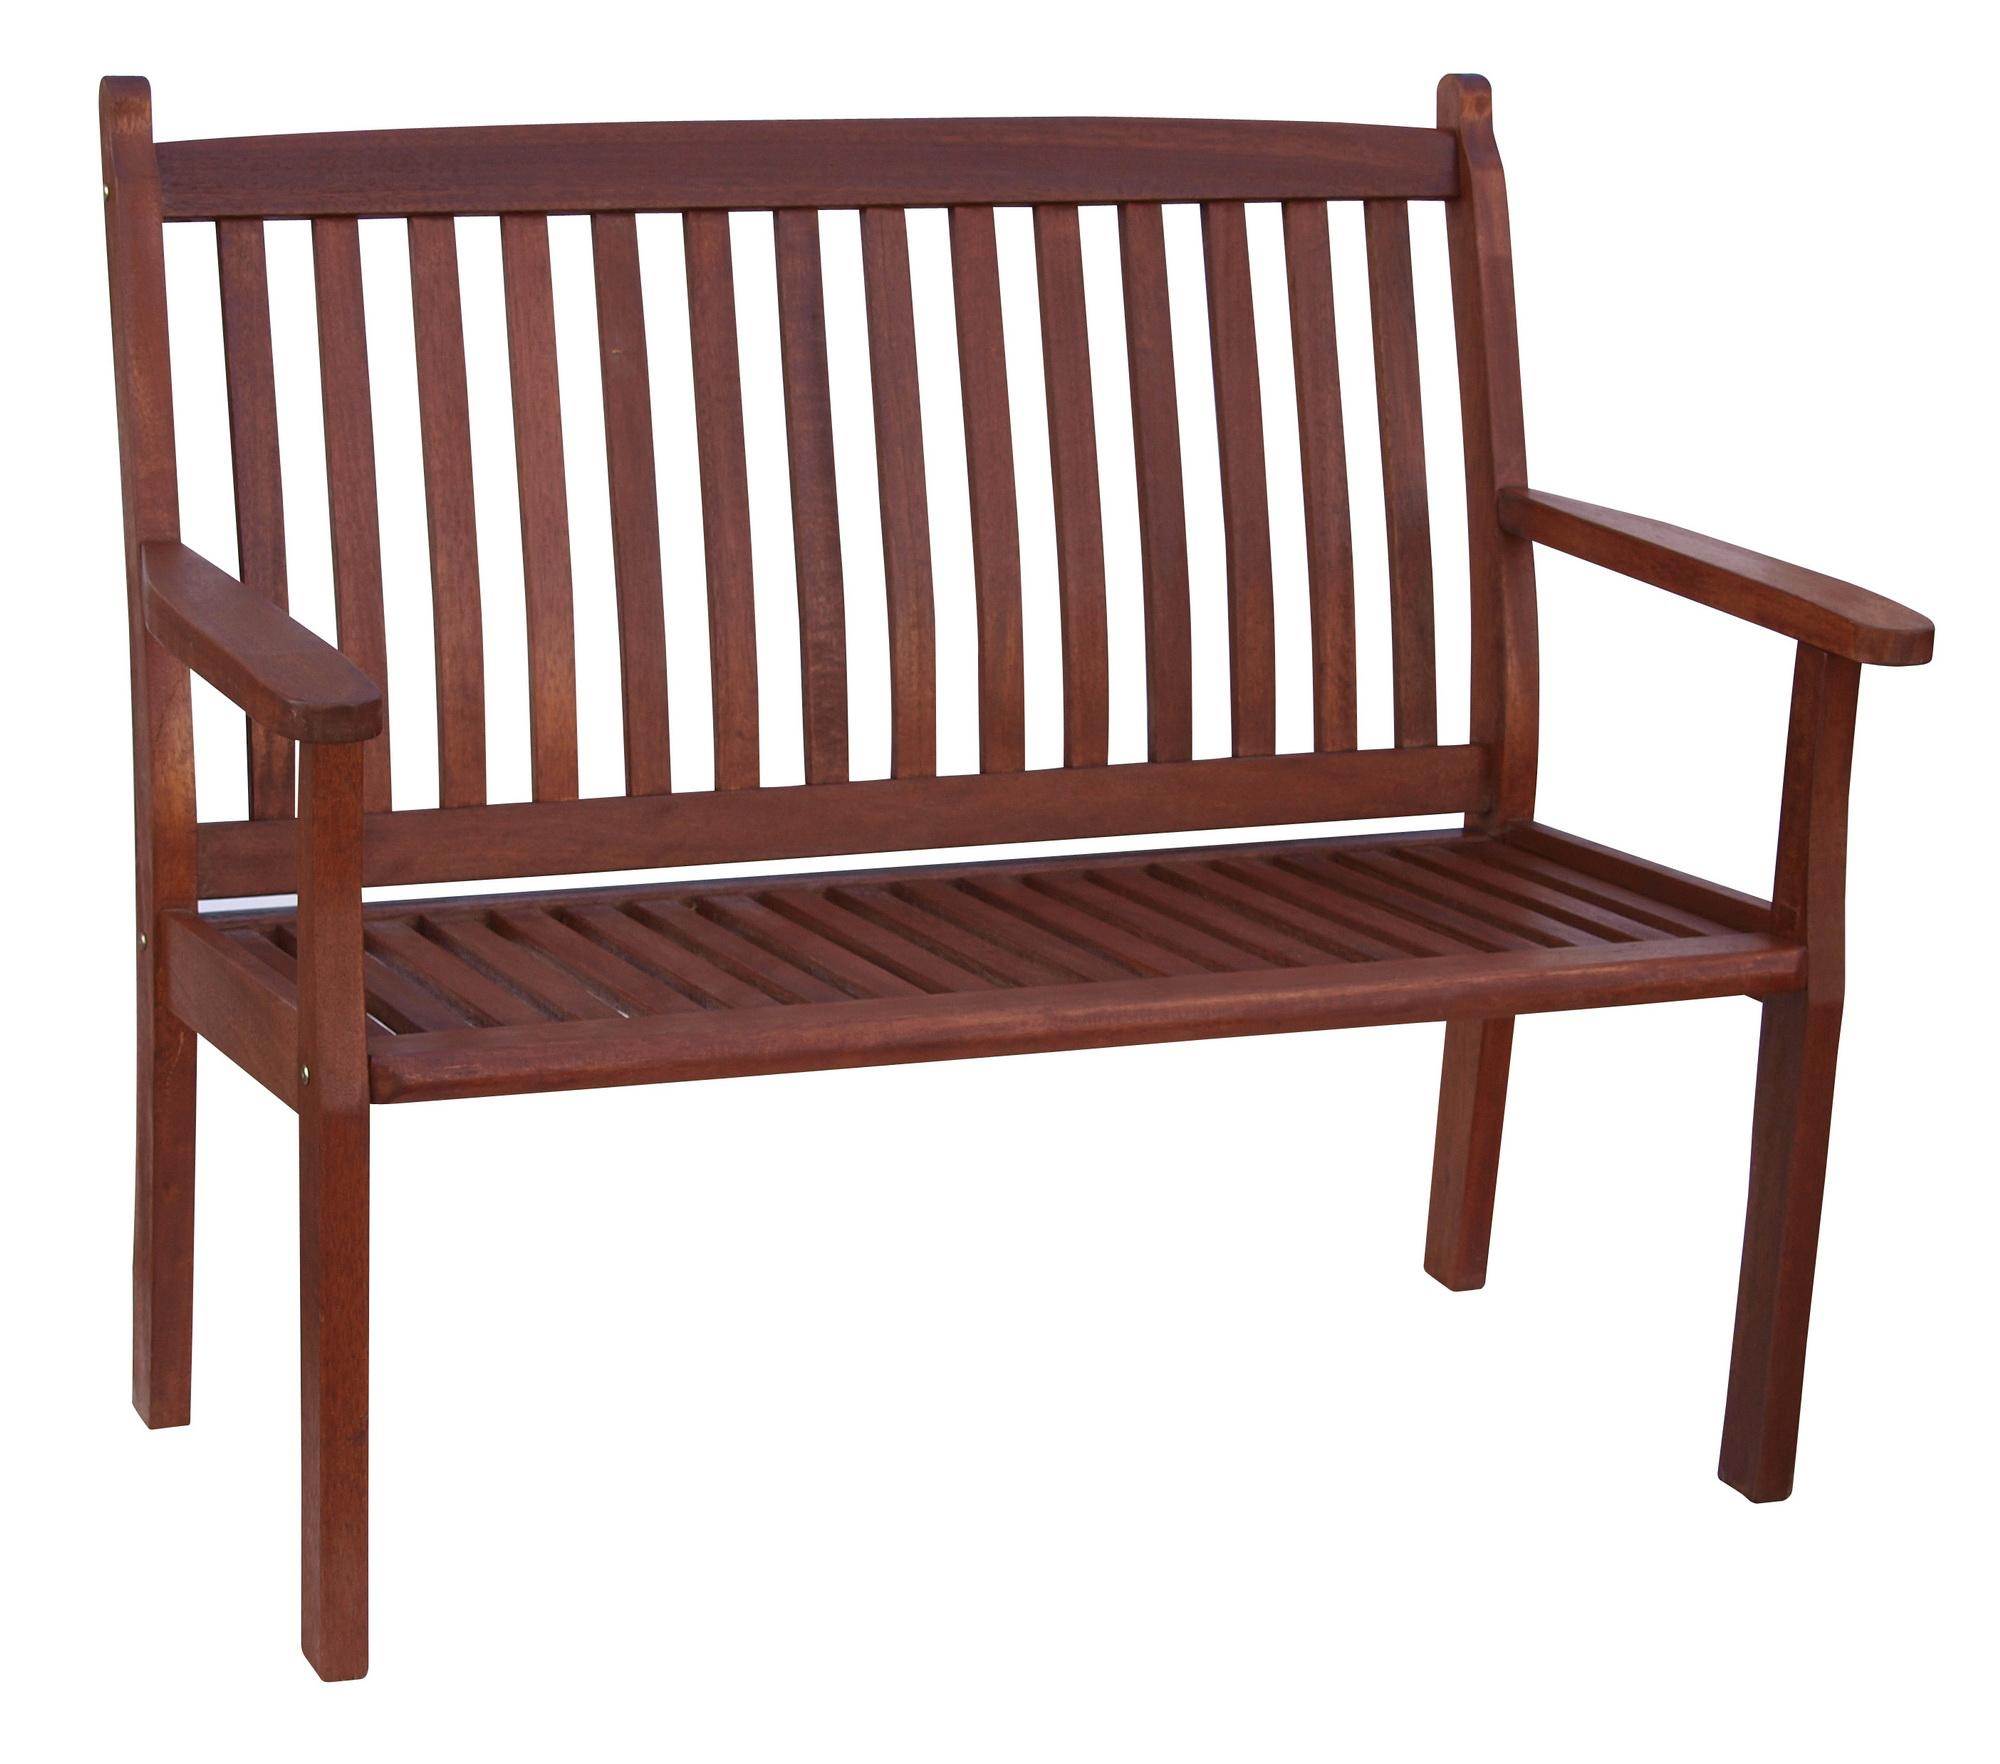 Záhradná lavička - Hecht - Wisconsin (meranti)